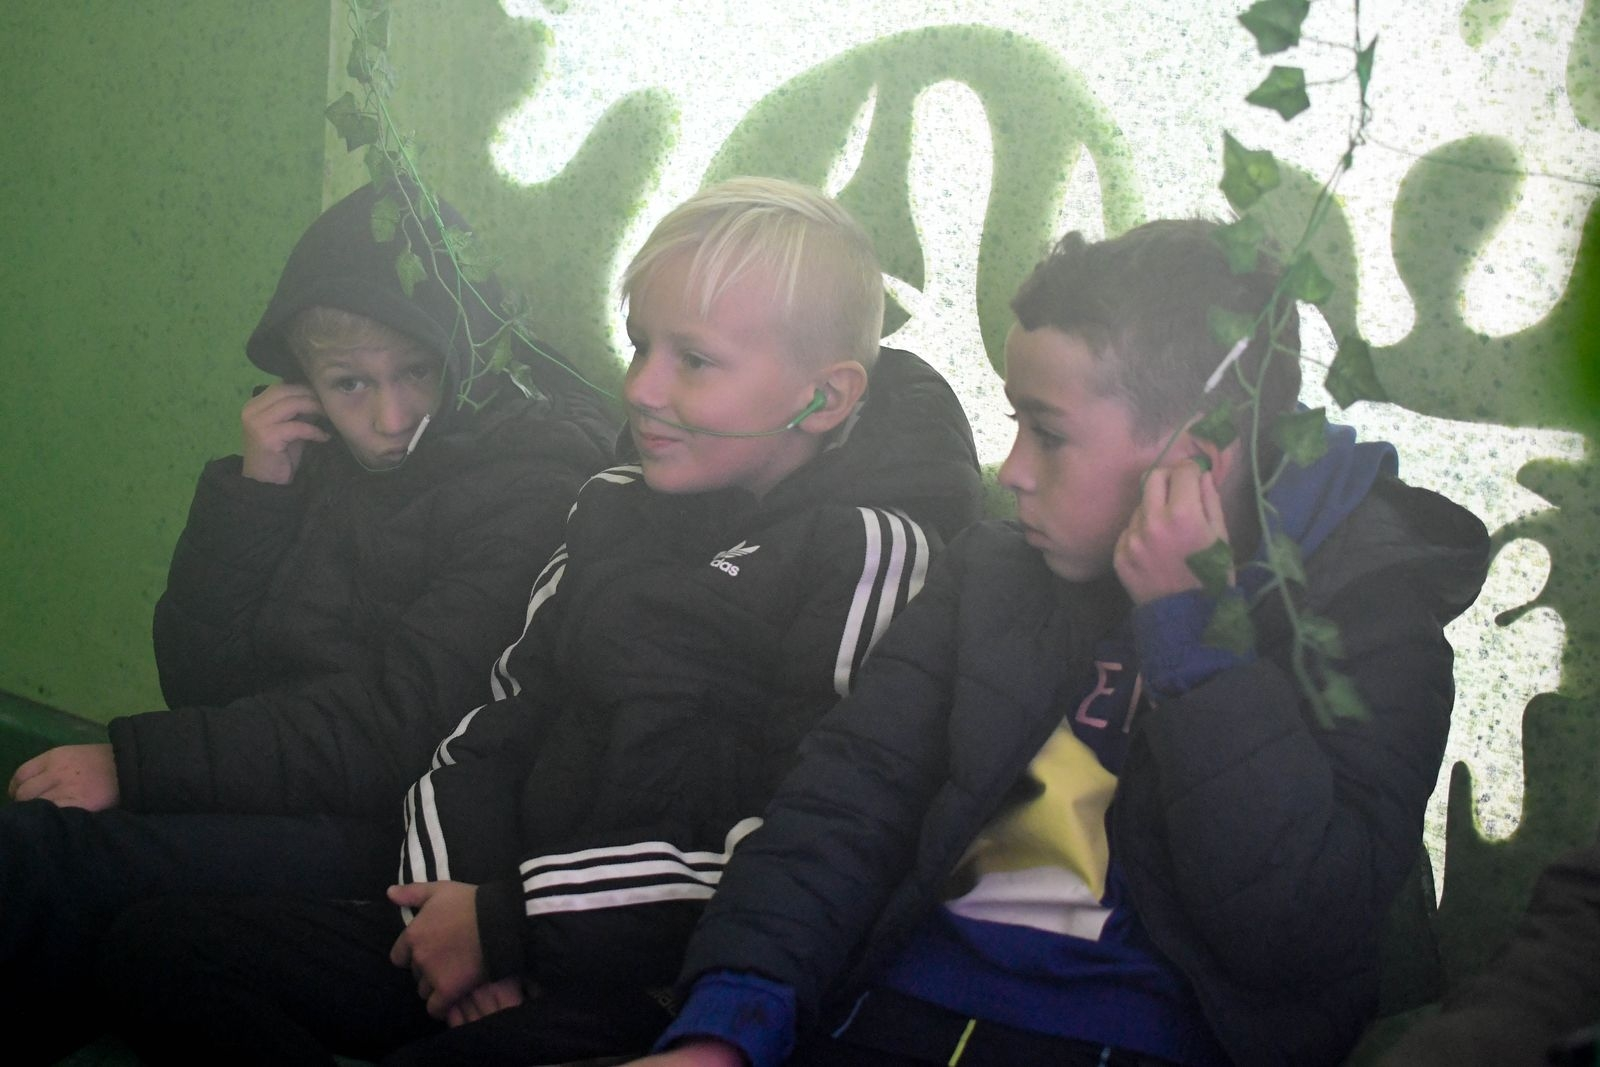 Spännande, lite läskigt och väldigt roligt, tyckte Neo Viberg, Victor Cederholm och Isac Wennerström om upplevelsen.